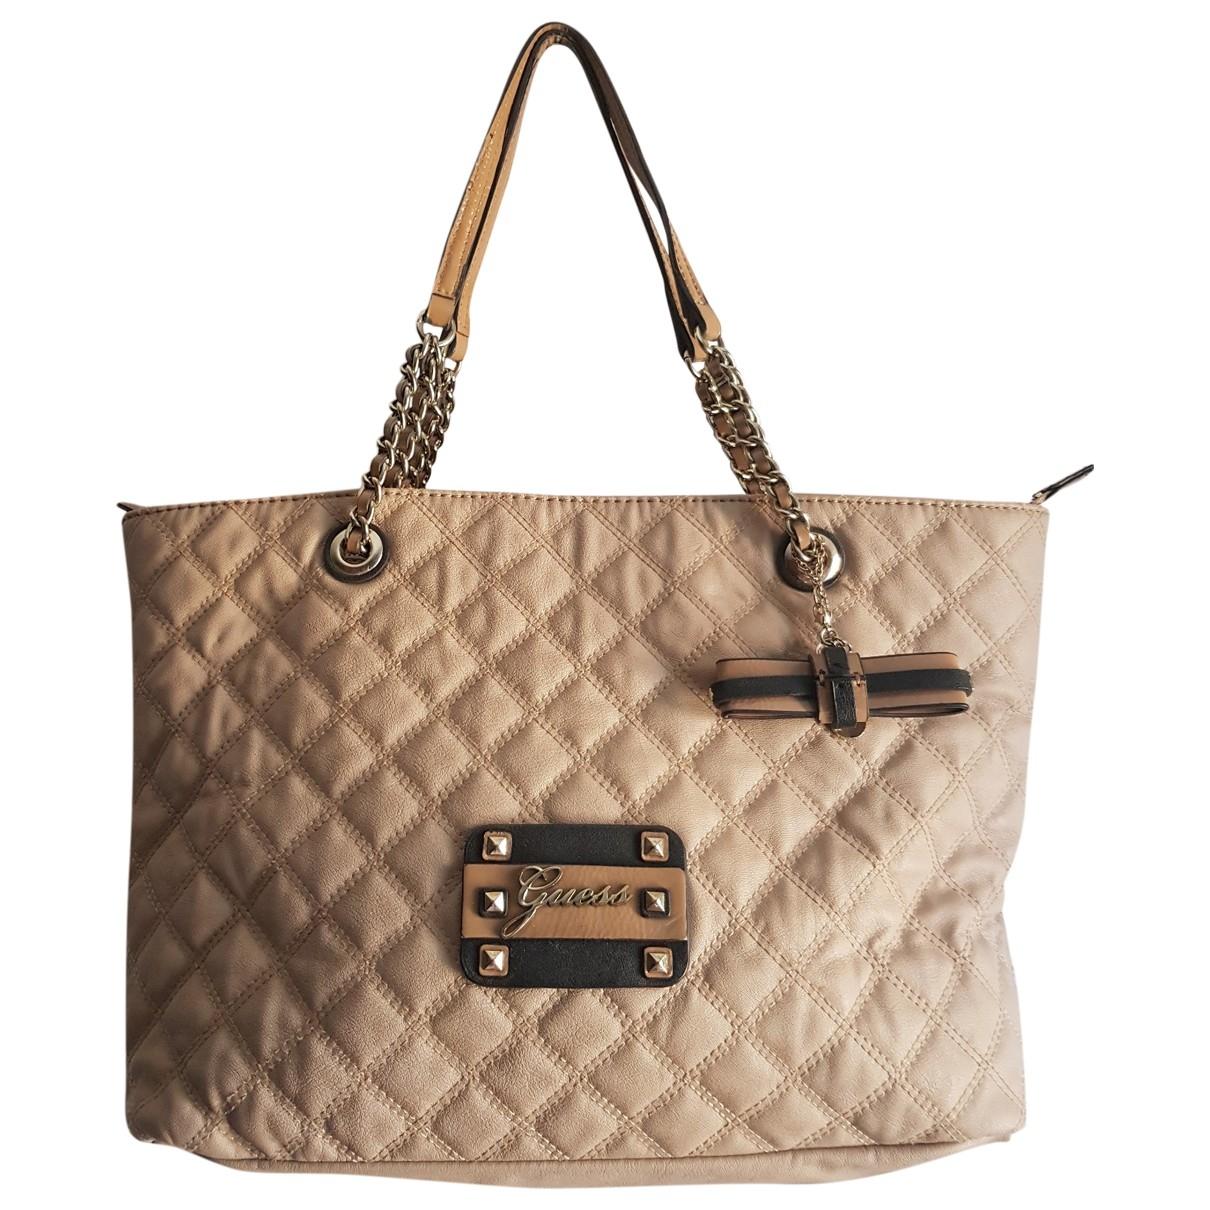 Guess \N Handtasche in  Beige Synthetik